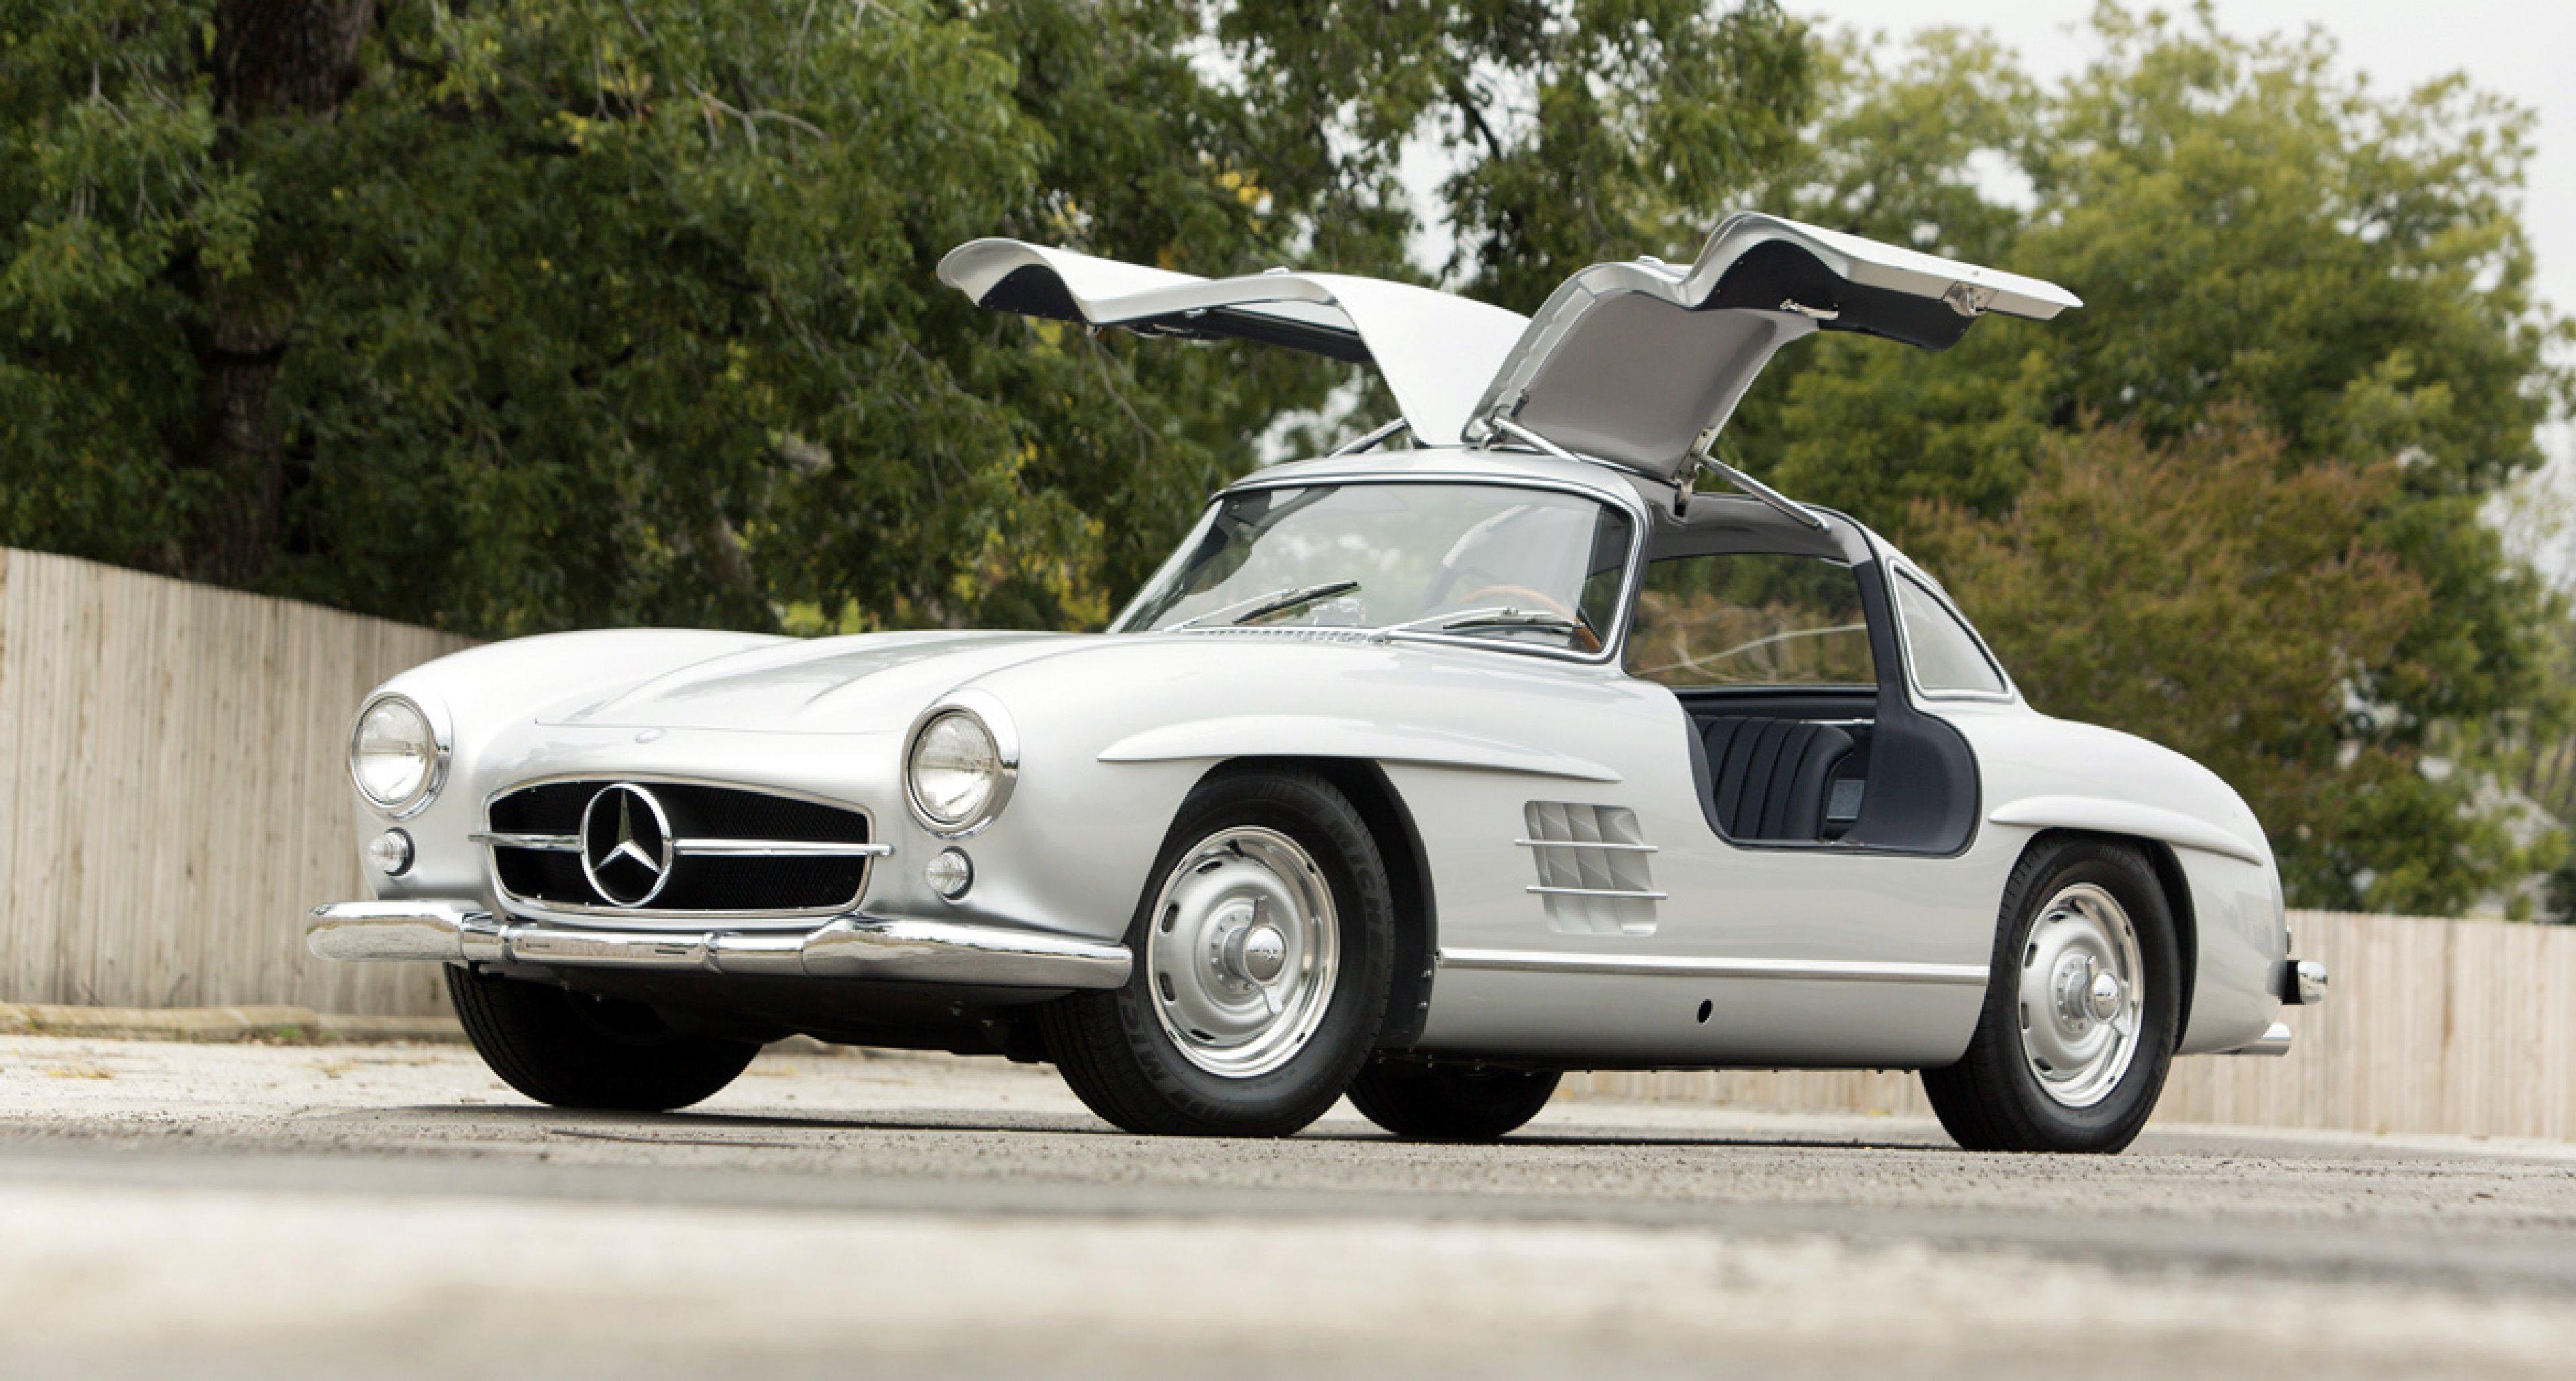 1956 Mercedes-Benz 300 SL Gullwing / $1,100,000 - $1,400,000 (Lot 42)